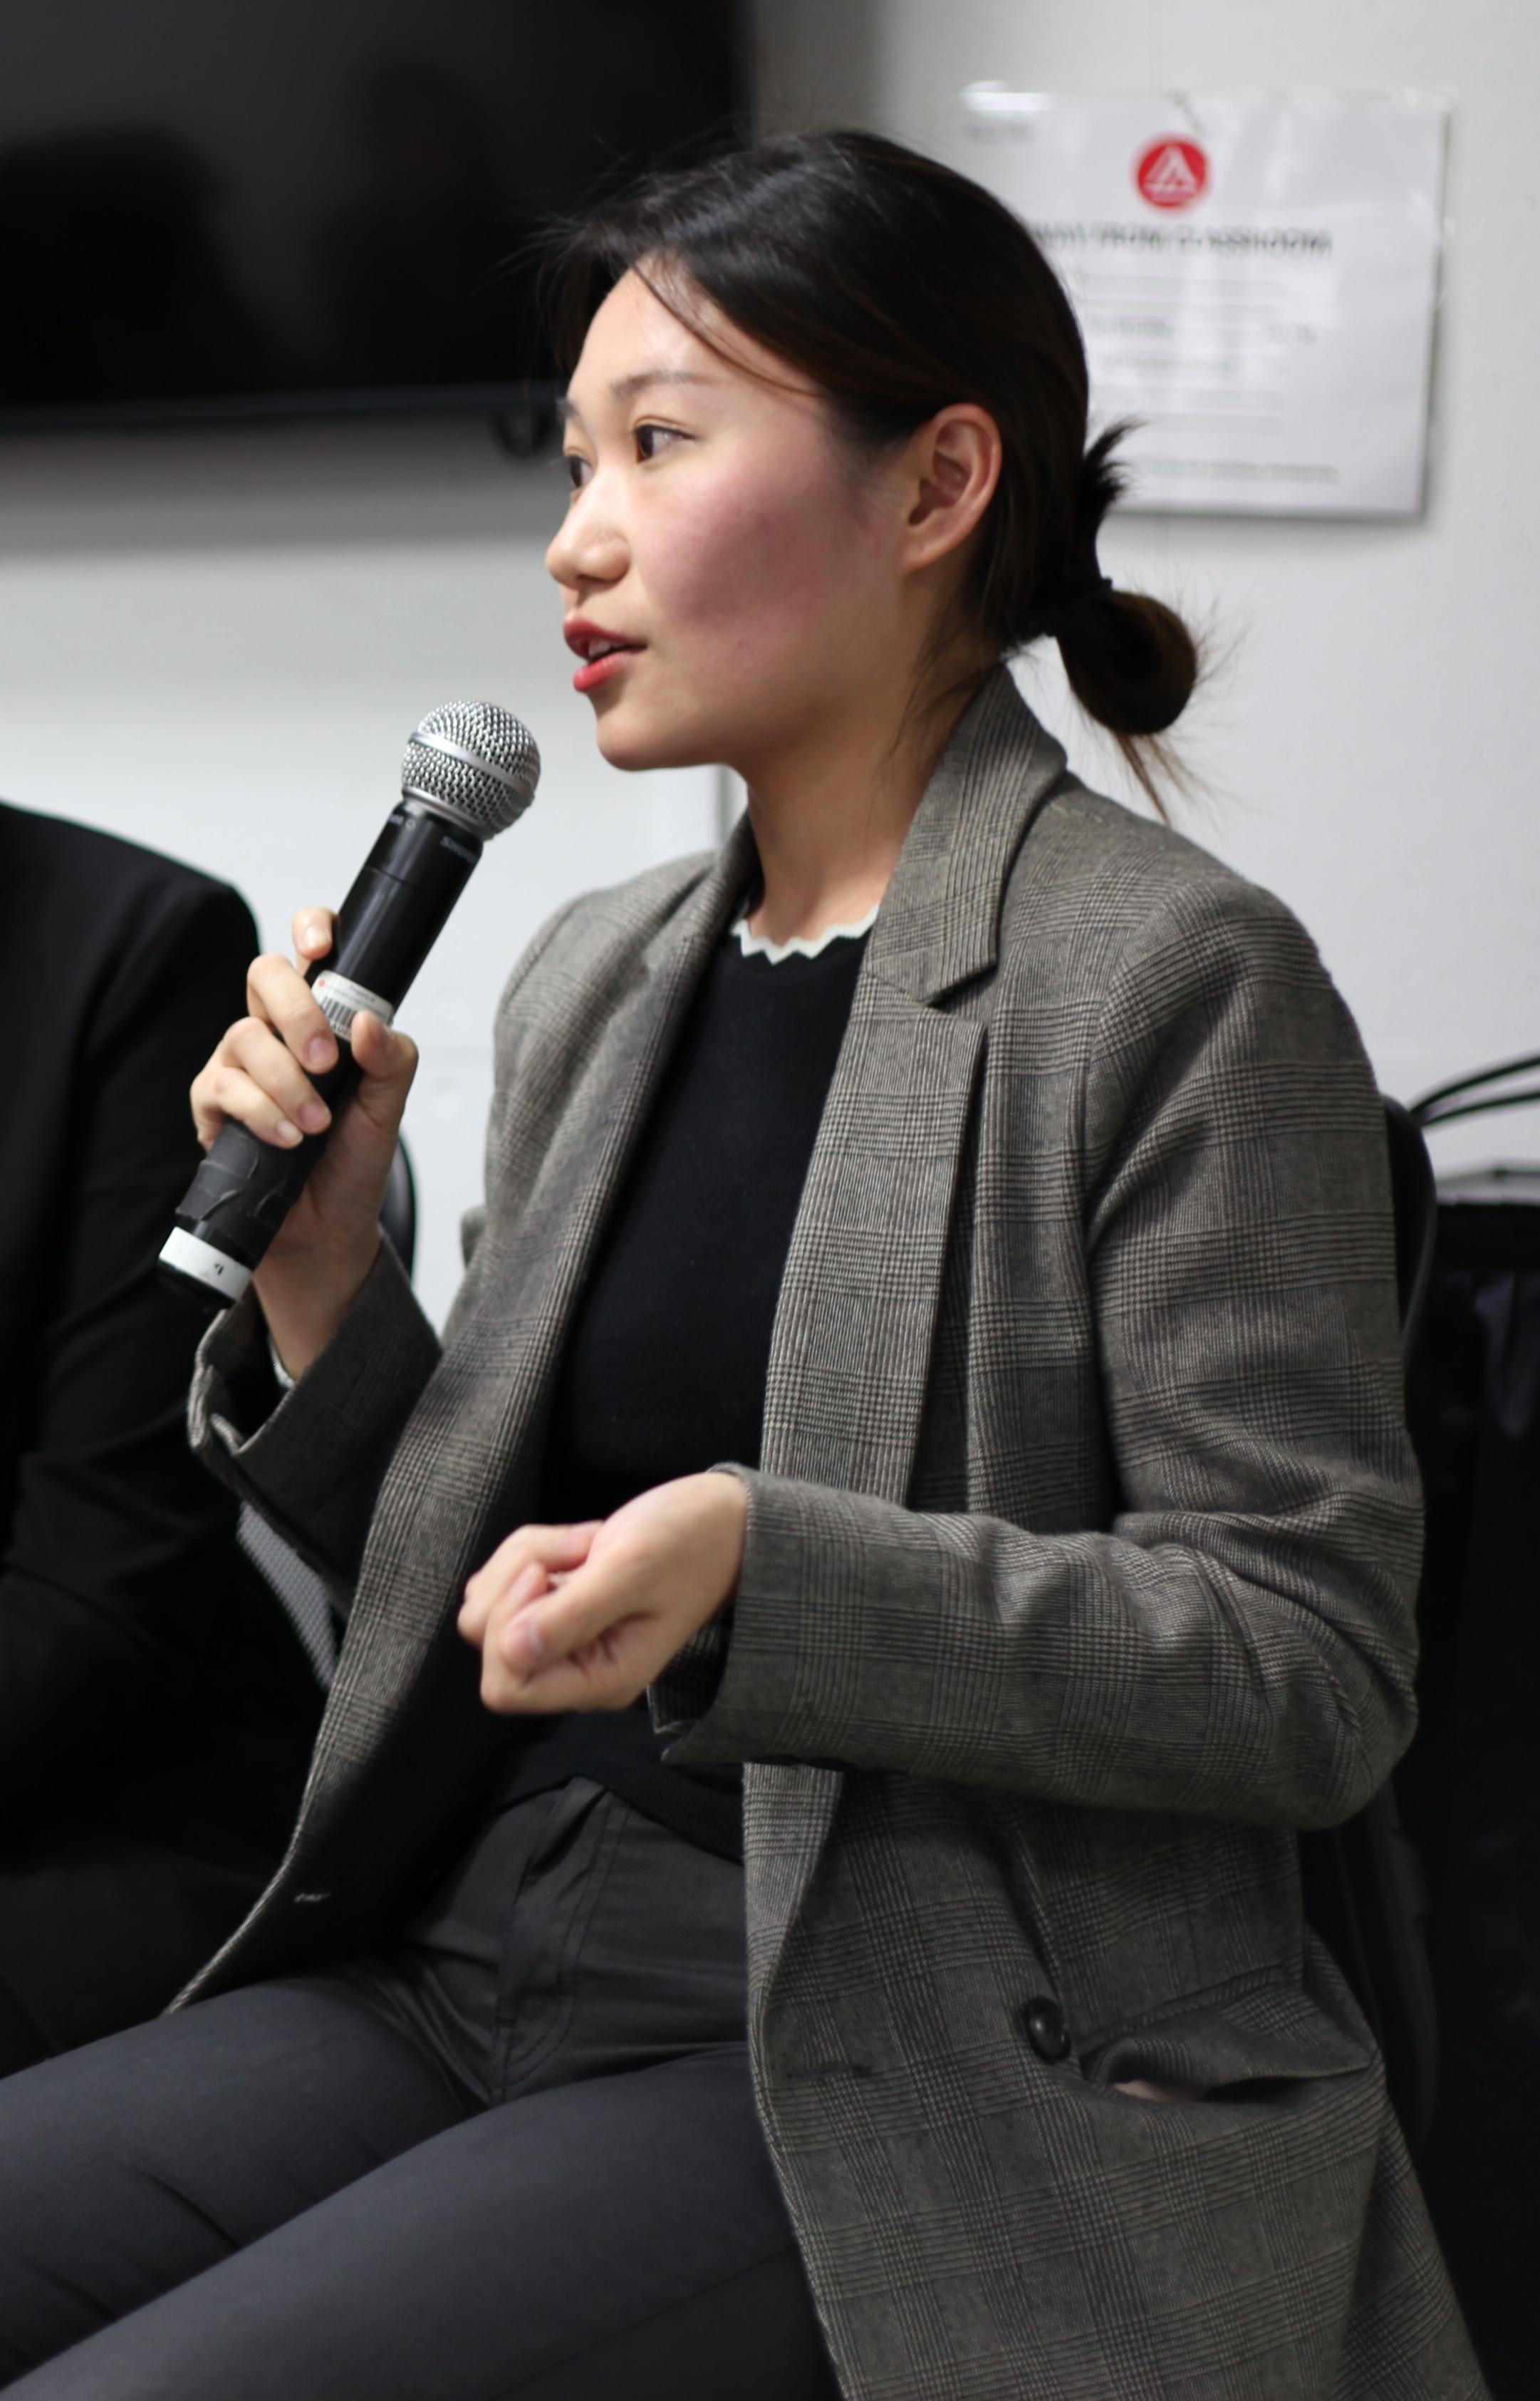 eg-lan-alumni-panel_007.jpg